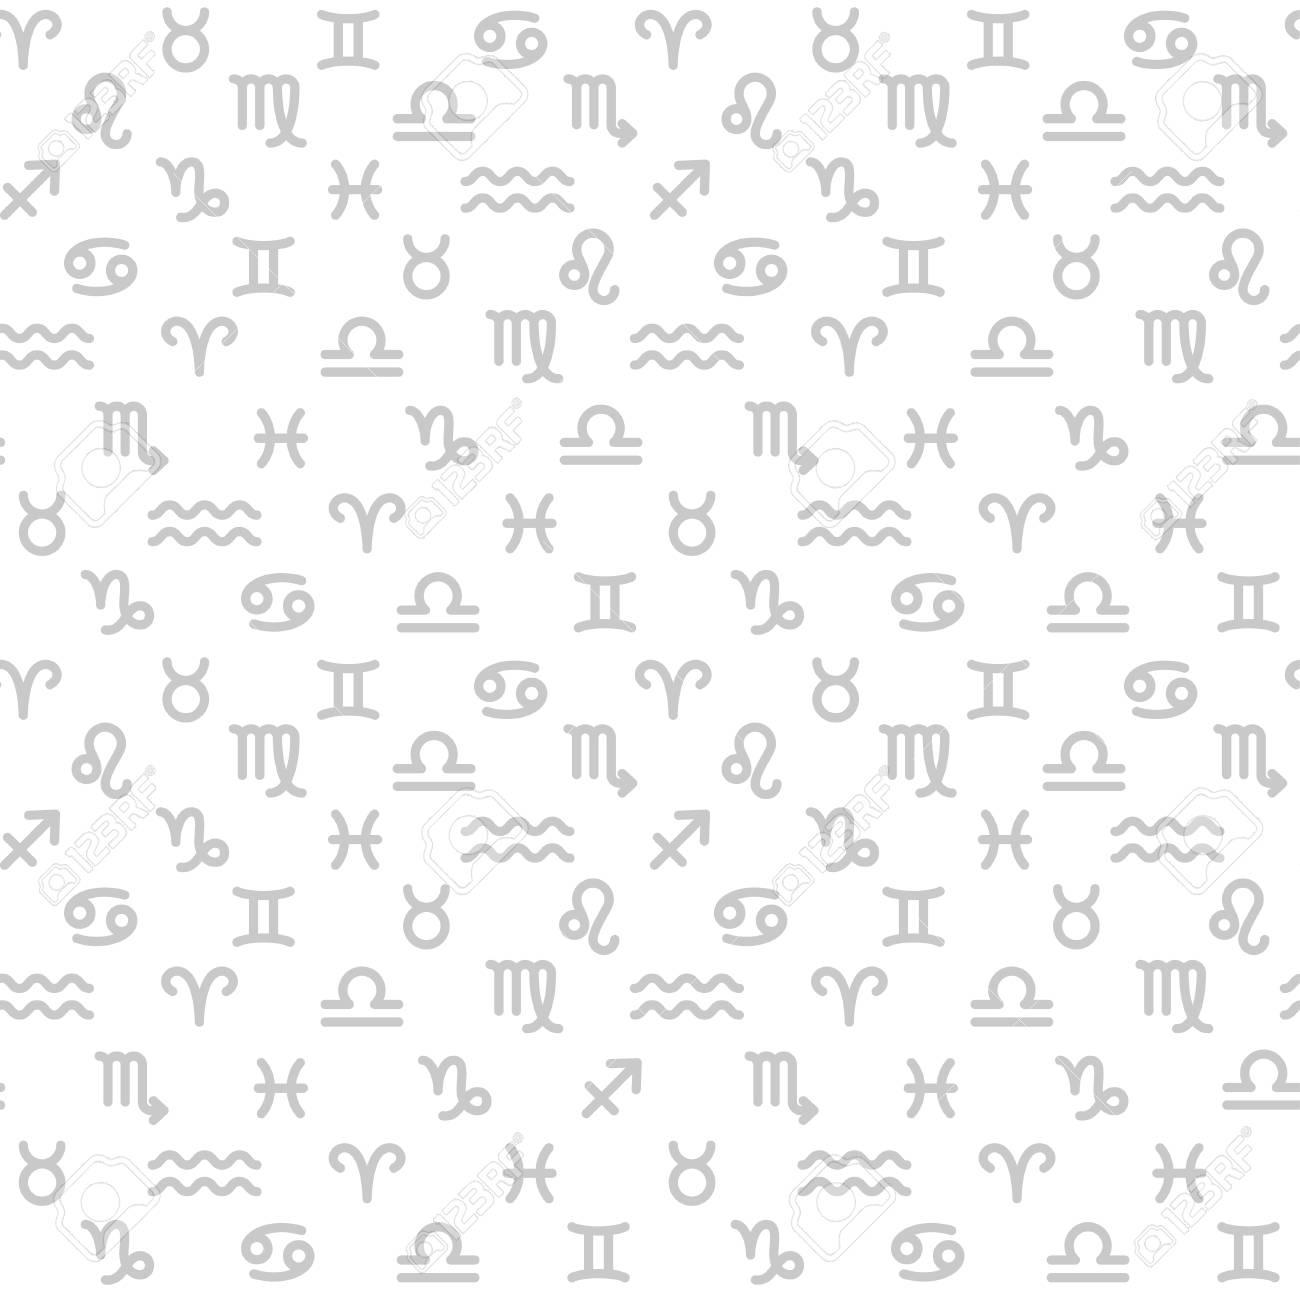 Zodiac monochrome seamless pattern - 119357536